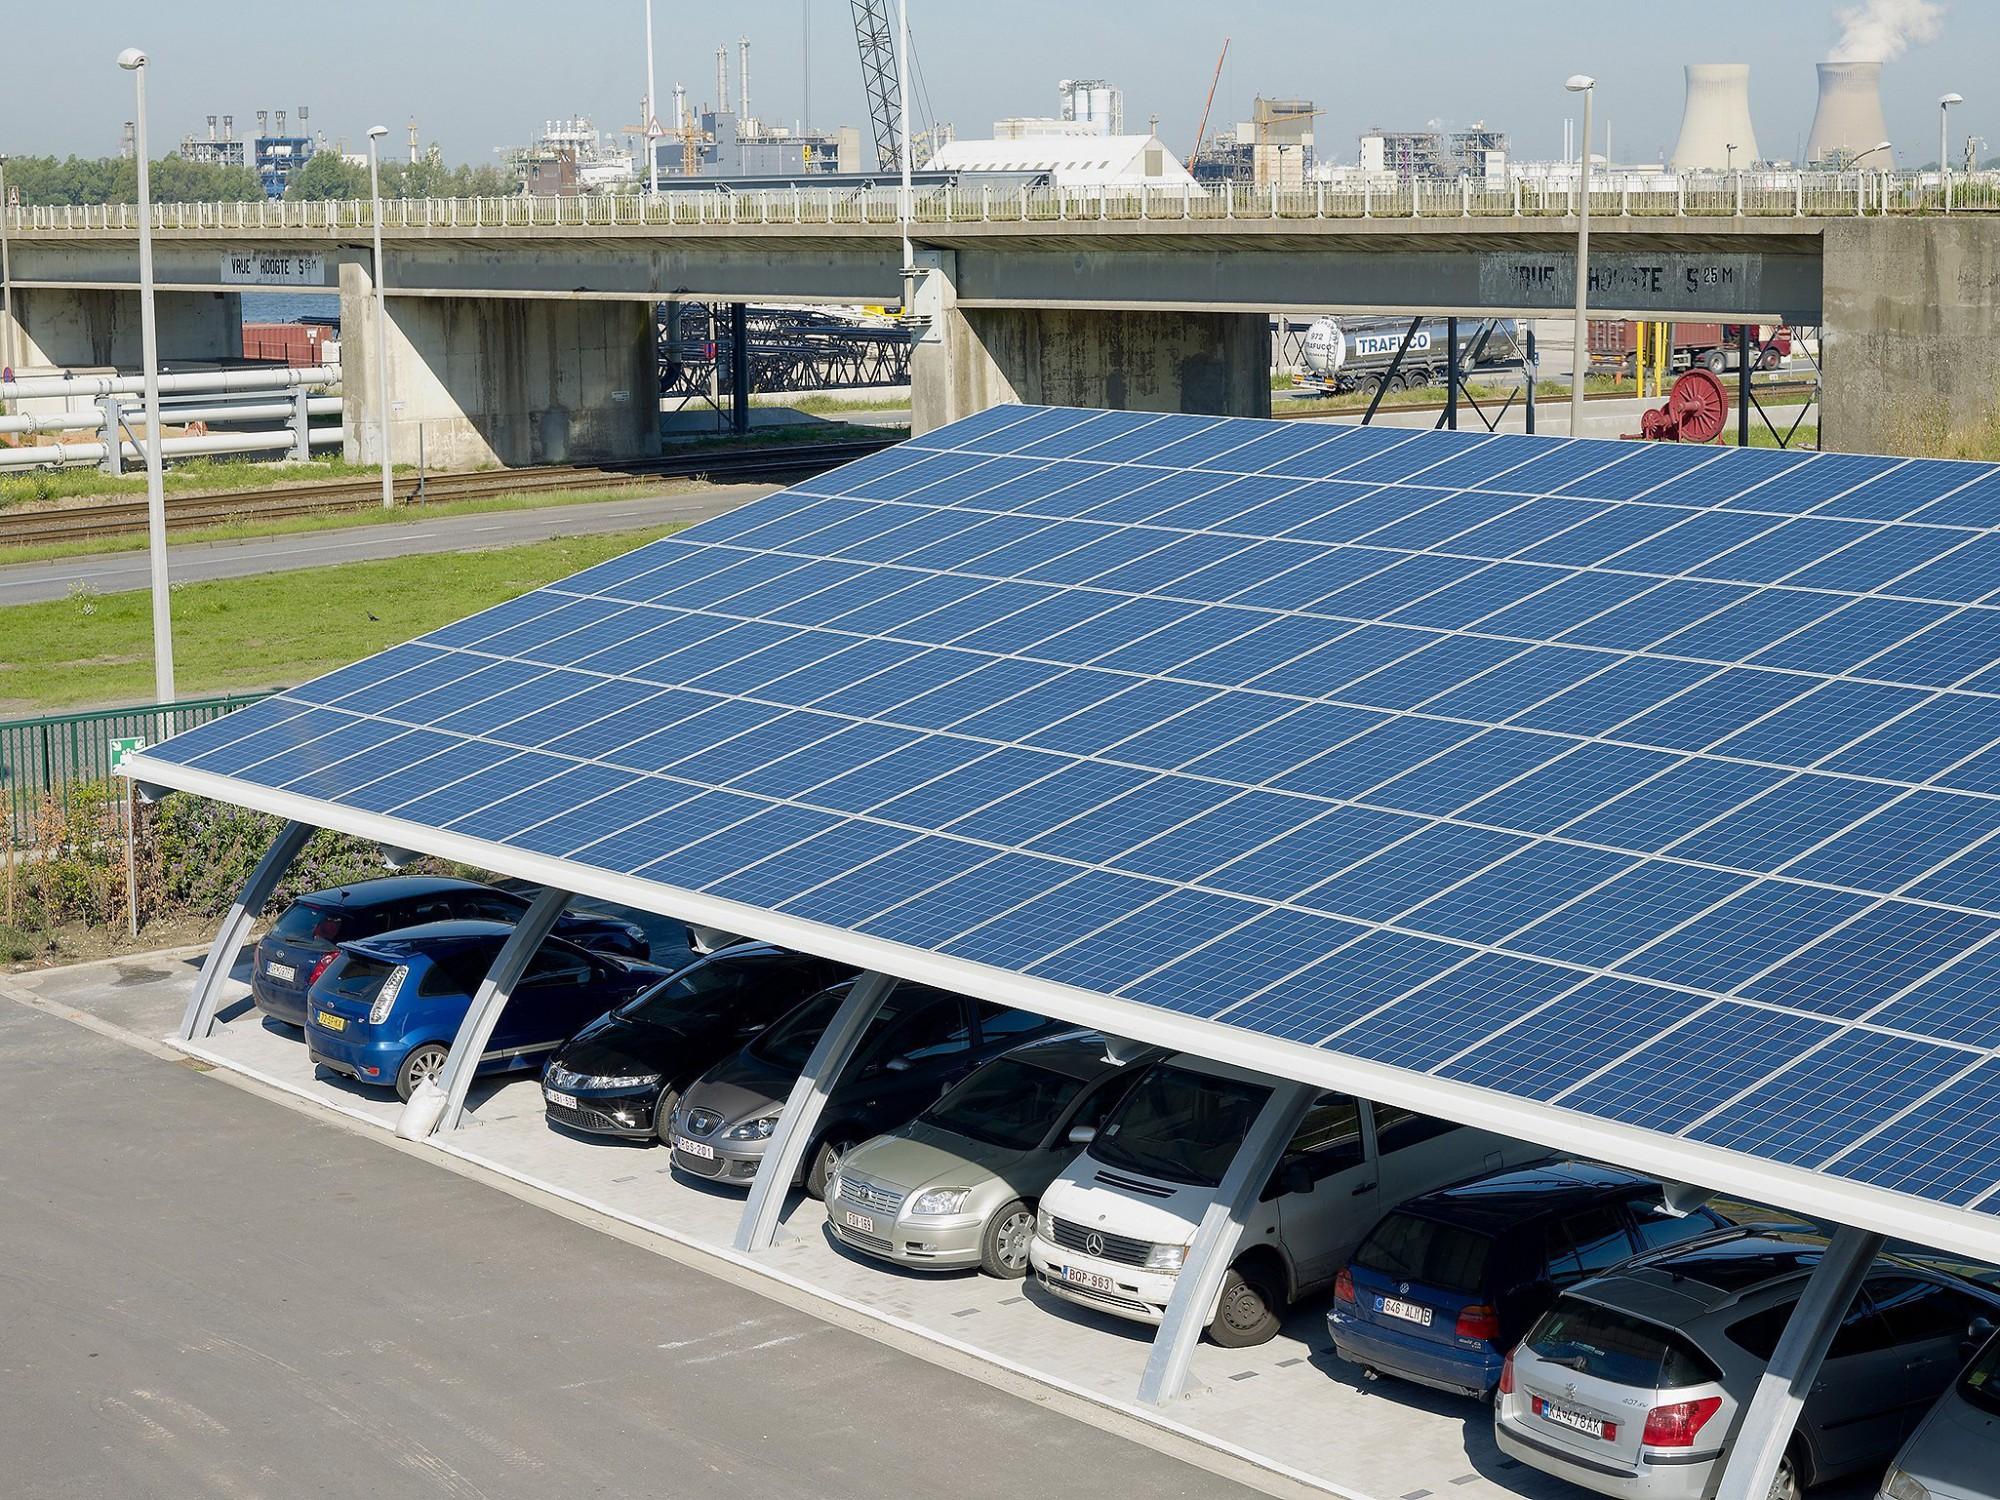 Afbeelding: Fotografie overdekte parking met zonnepanelen, Ivens haven Antwerpen, voor Bolckmans.